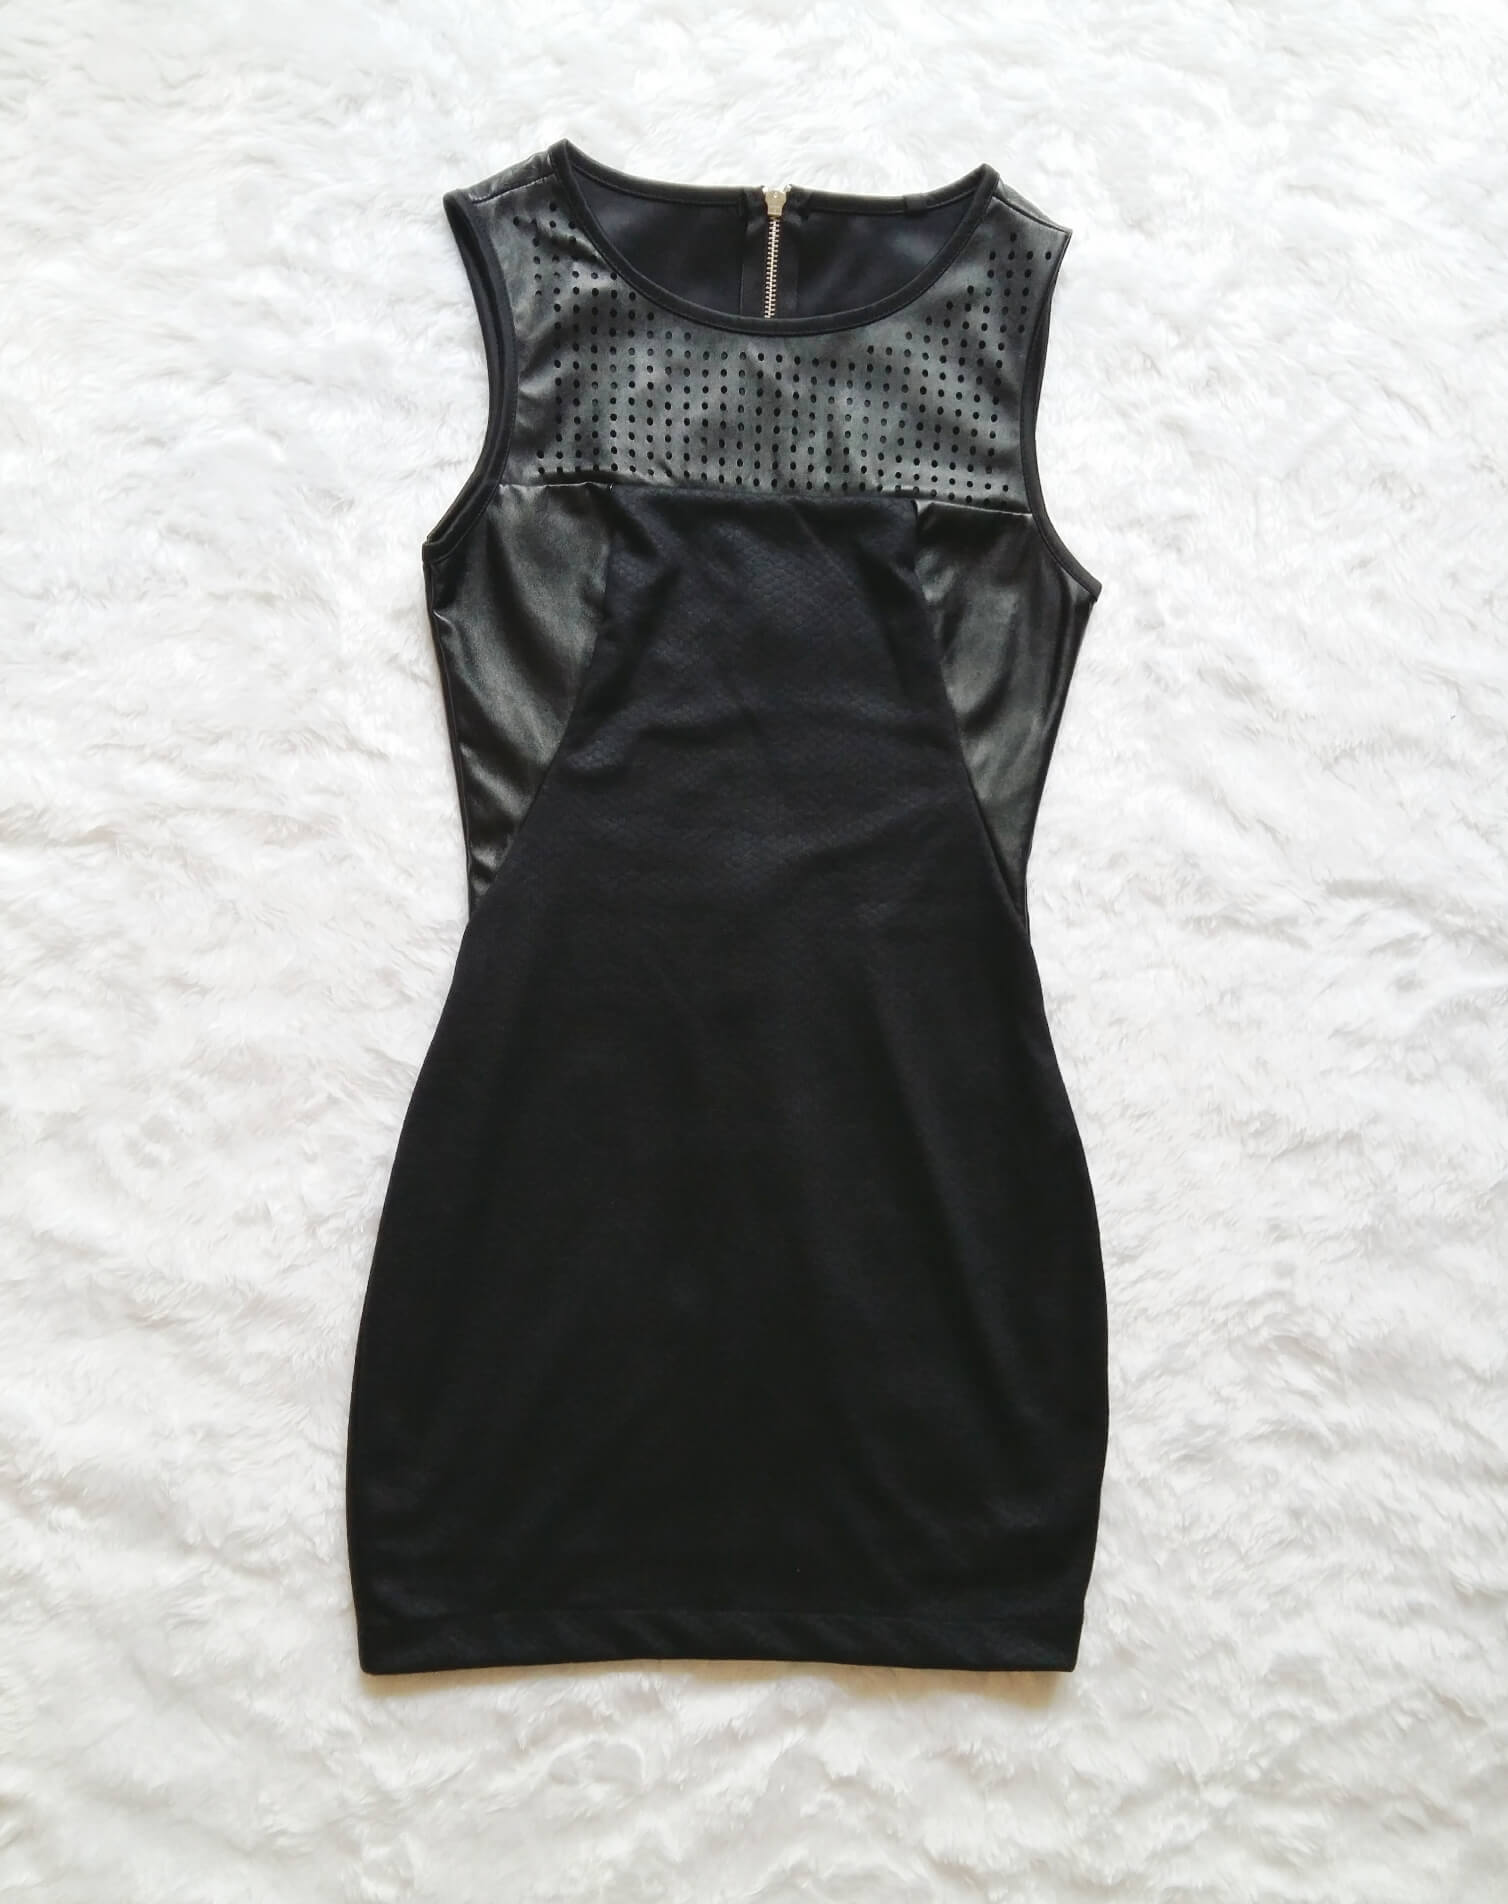 vestido-preto-couro-0029